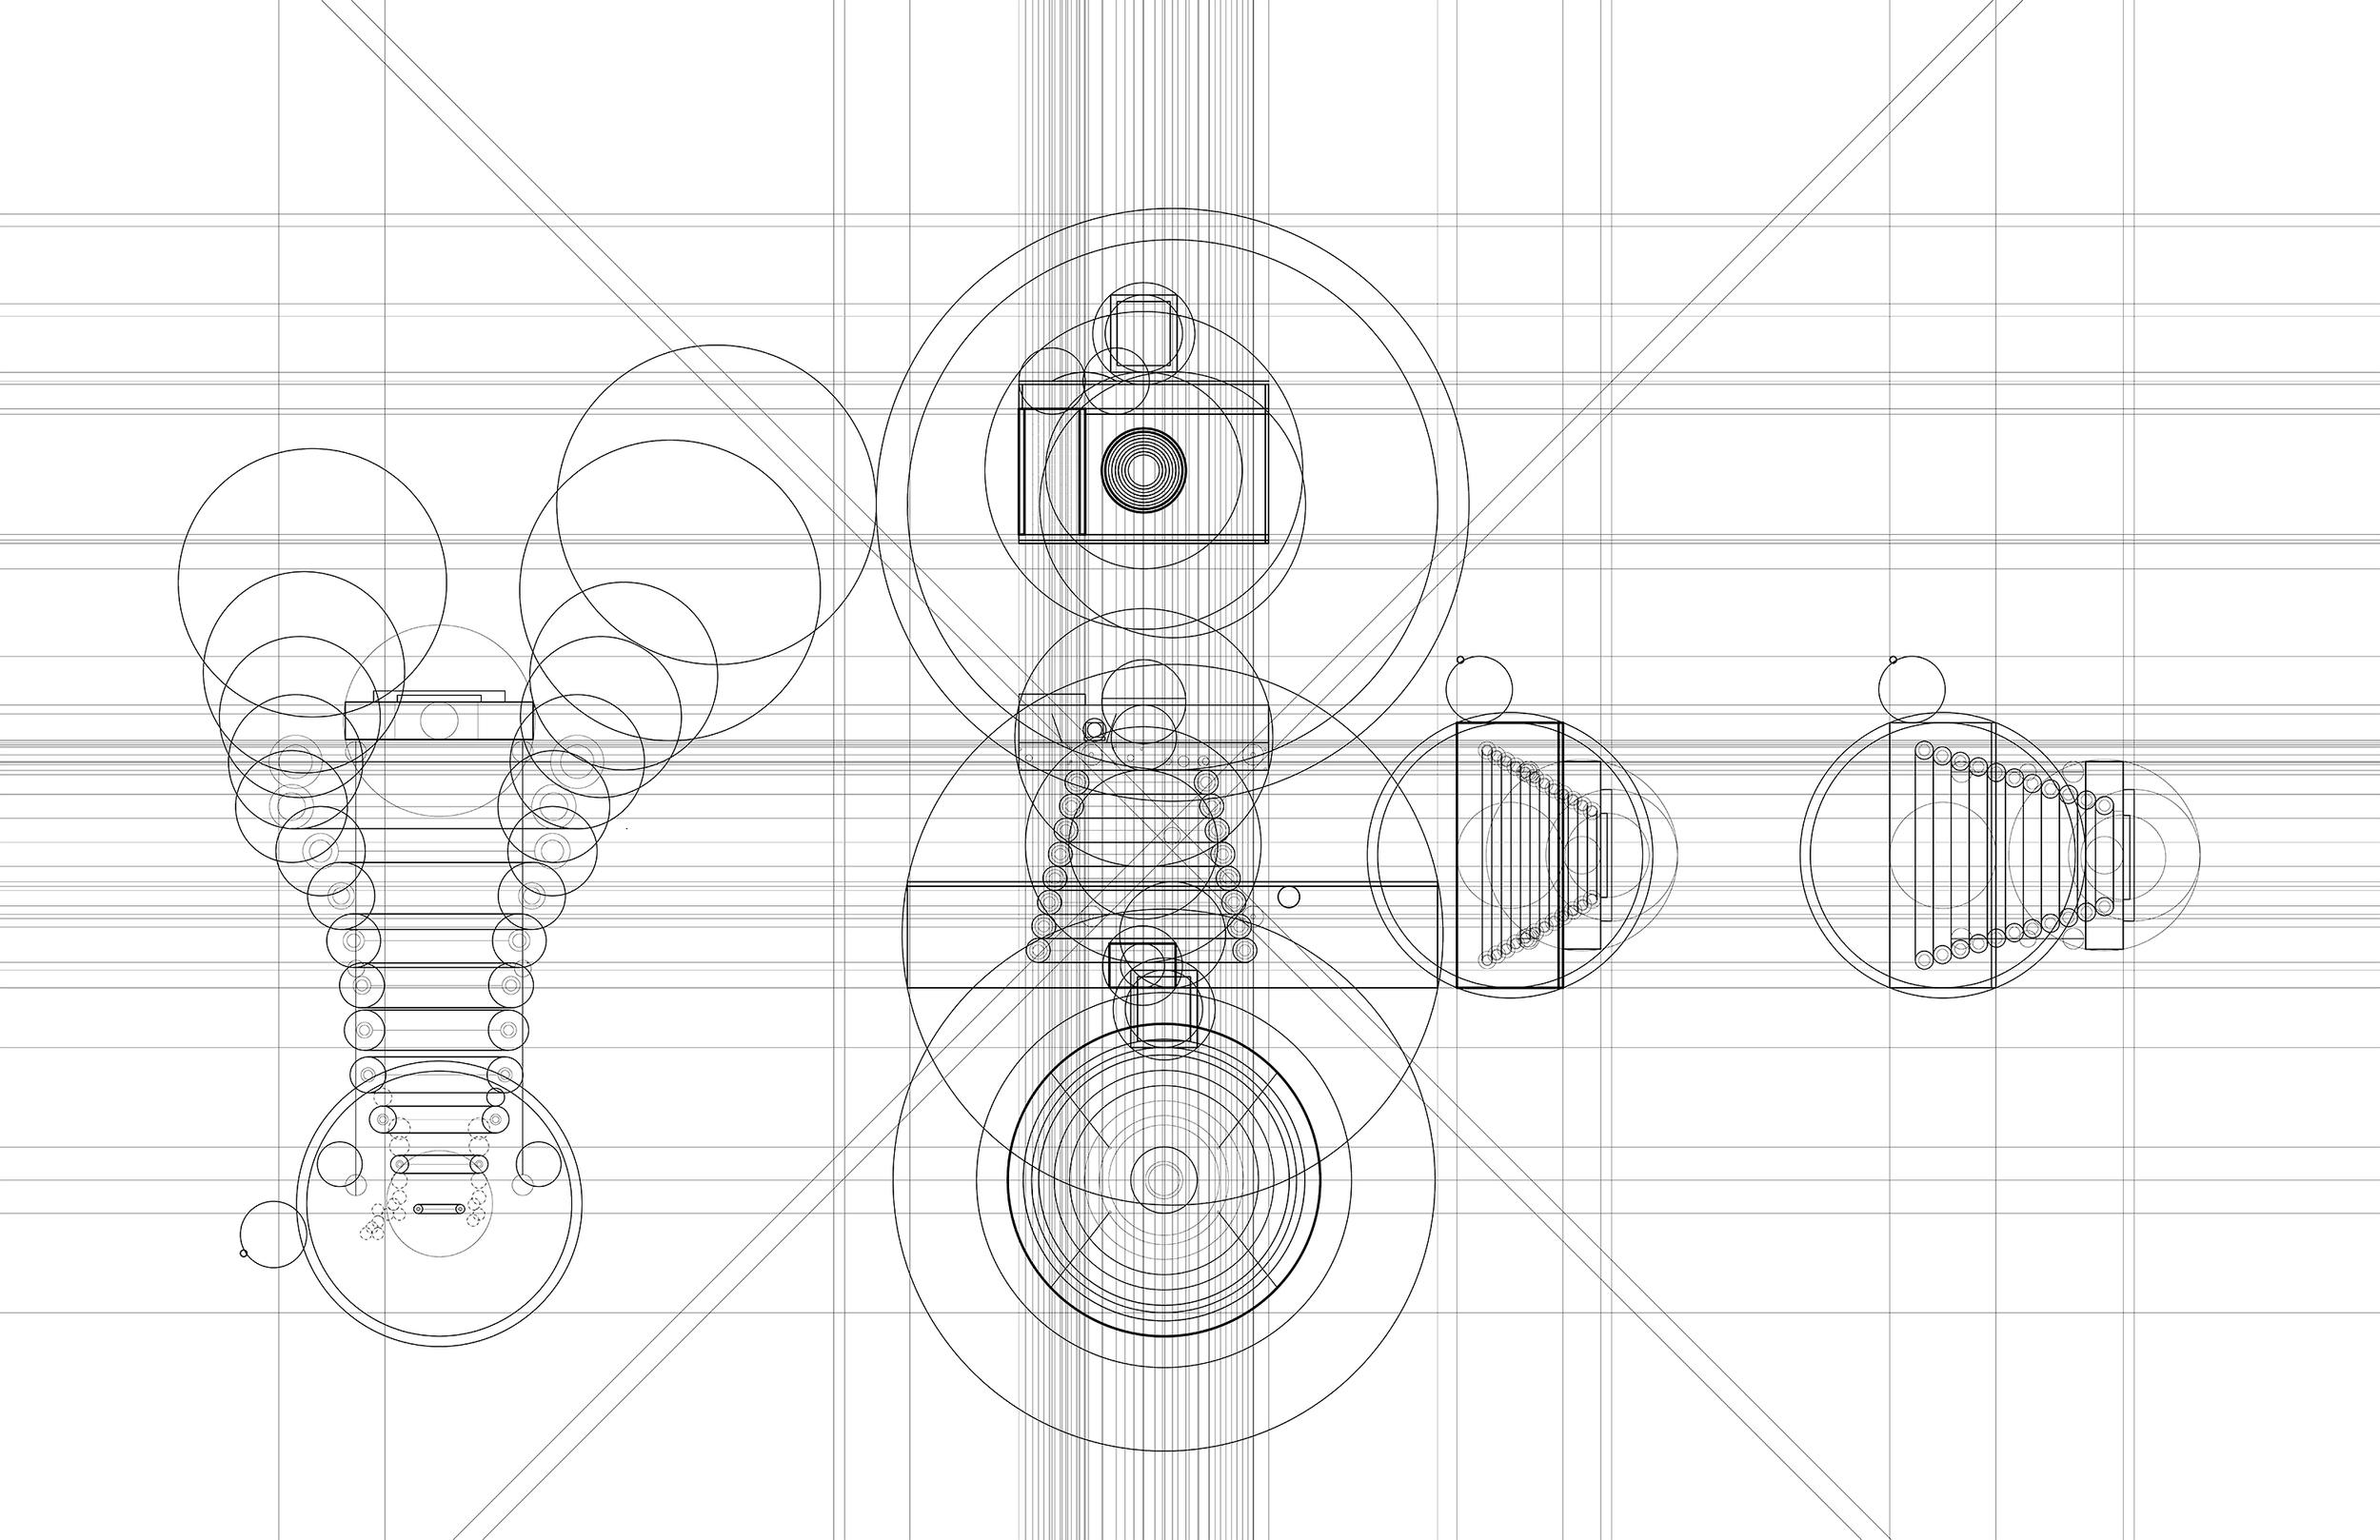 Bellows Camera_2d module final-1.jpg